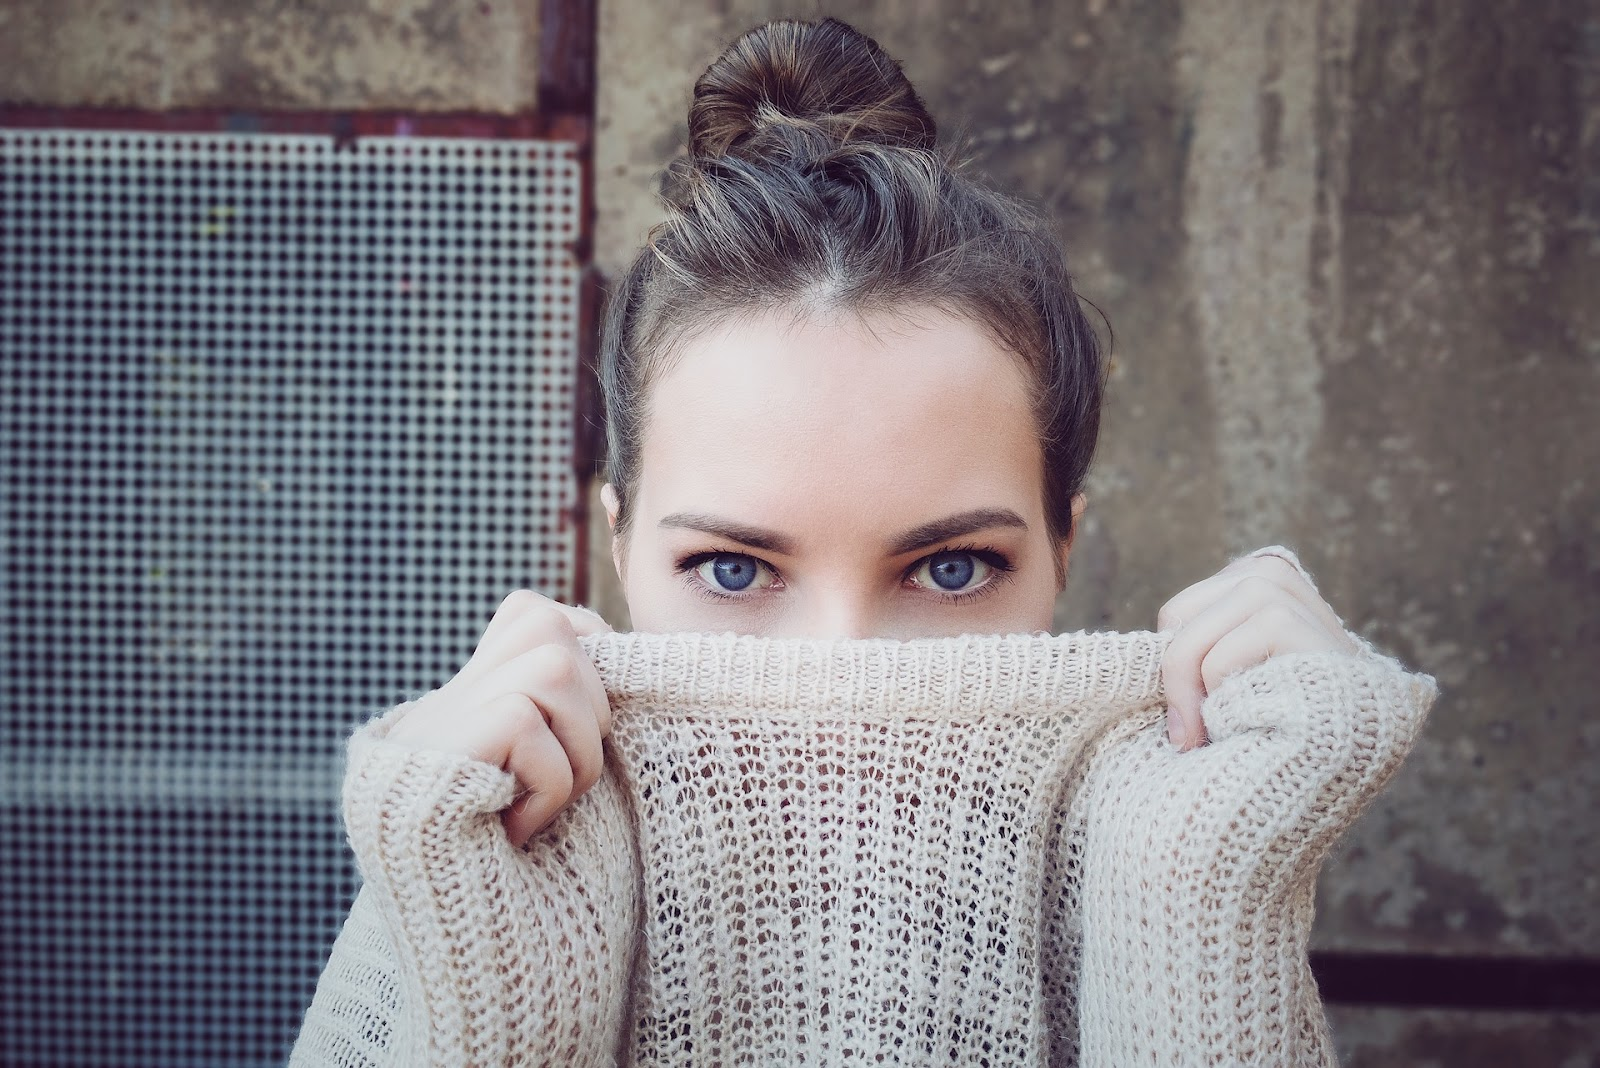 עיני אישה כחולות מביטות מבעד לסוודר